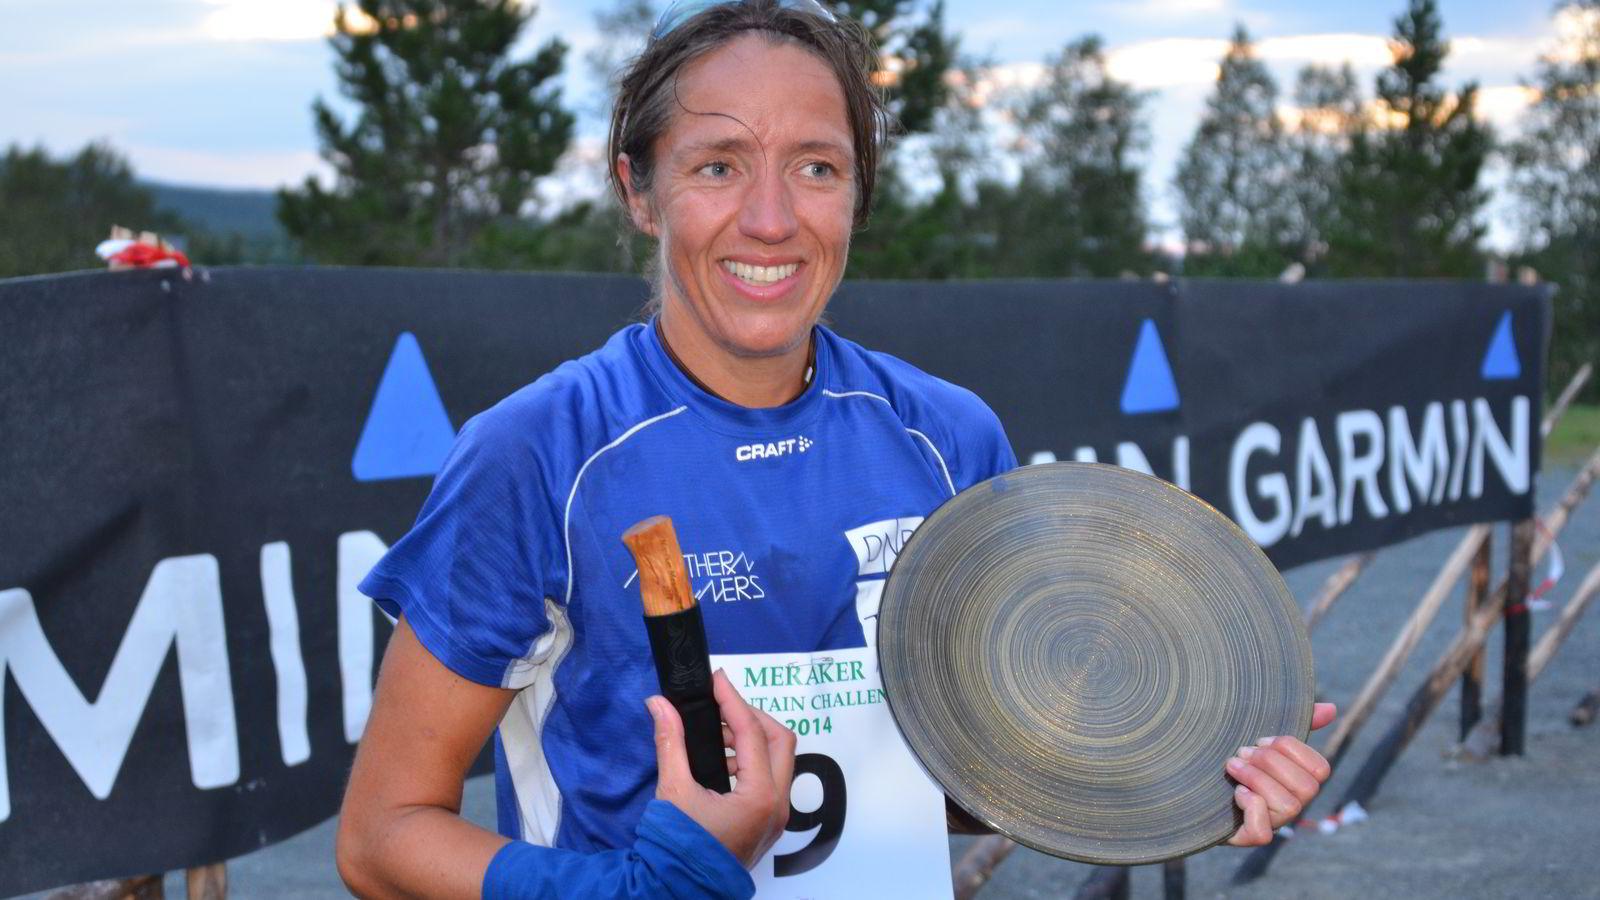 SLO REKORDEN: Guro Skjeggerød løp inn til ny rekord i Meråker Mountain Challenge. FOTO: Hallgeir Martin Lundemo